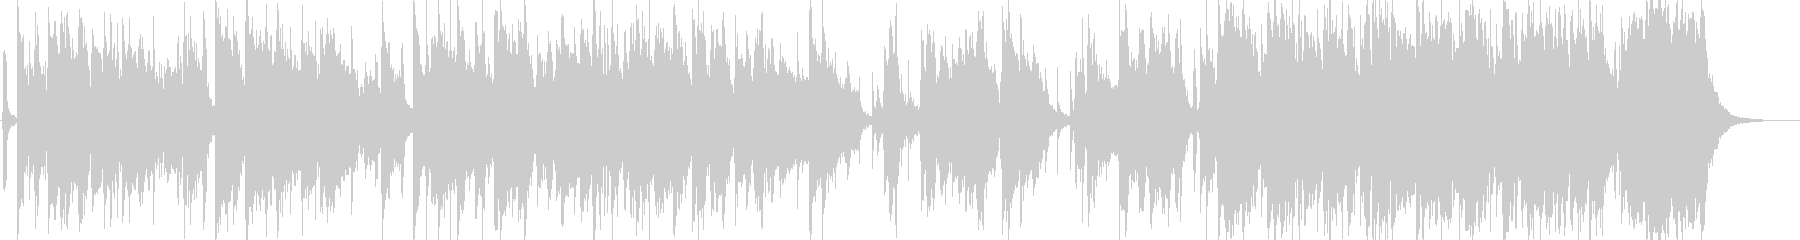 日本伝統音楽5(尺八+和太鼓)の未再生の波形